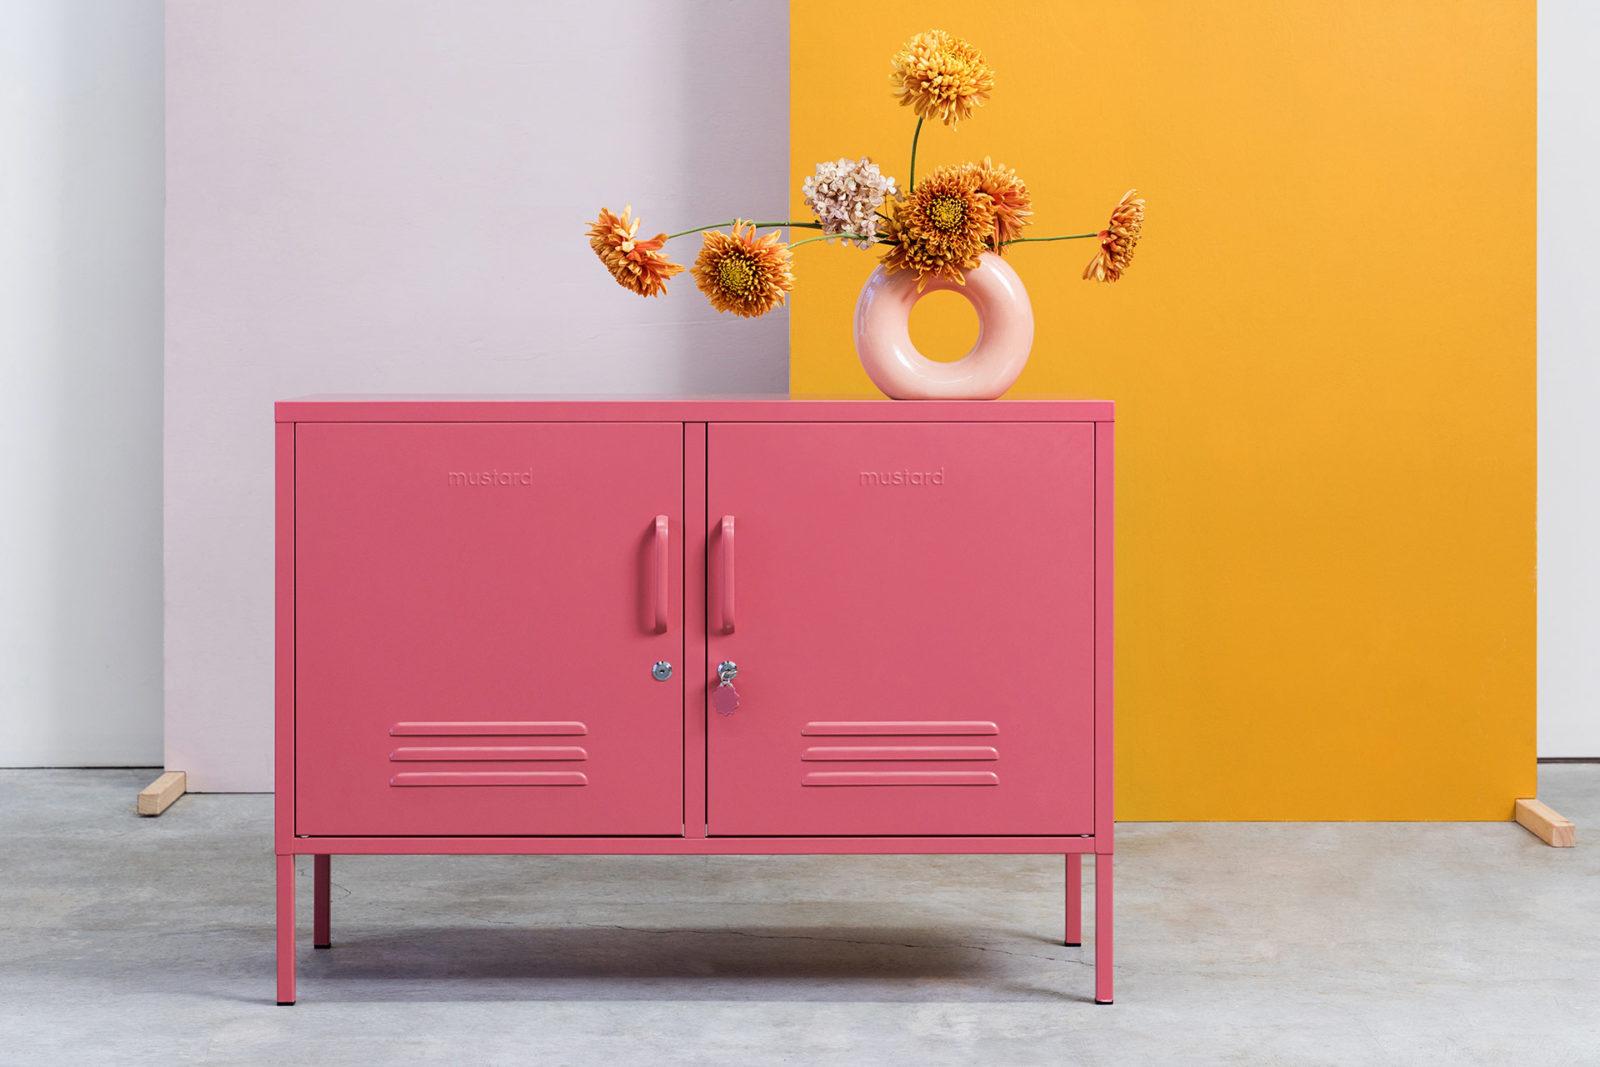 Pink Low Wide Locker - MustardMade Lowdown